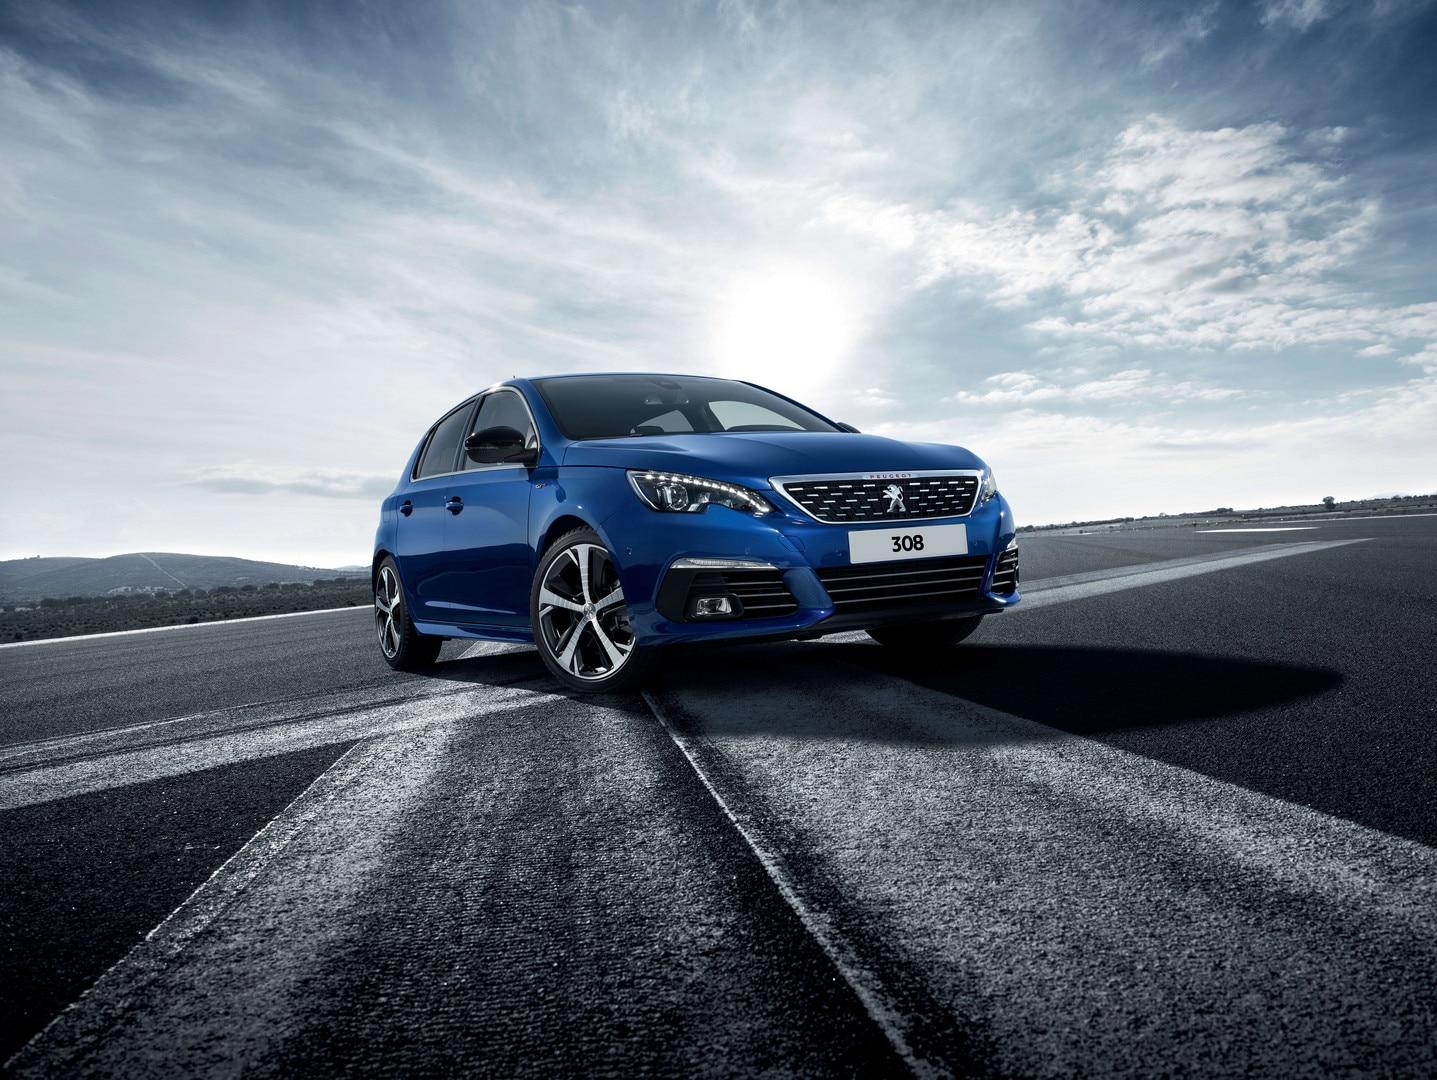 Designed For Driving Pleasure >> Peugeot 308 5-door Hatchback | Peugeot UK